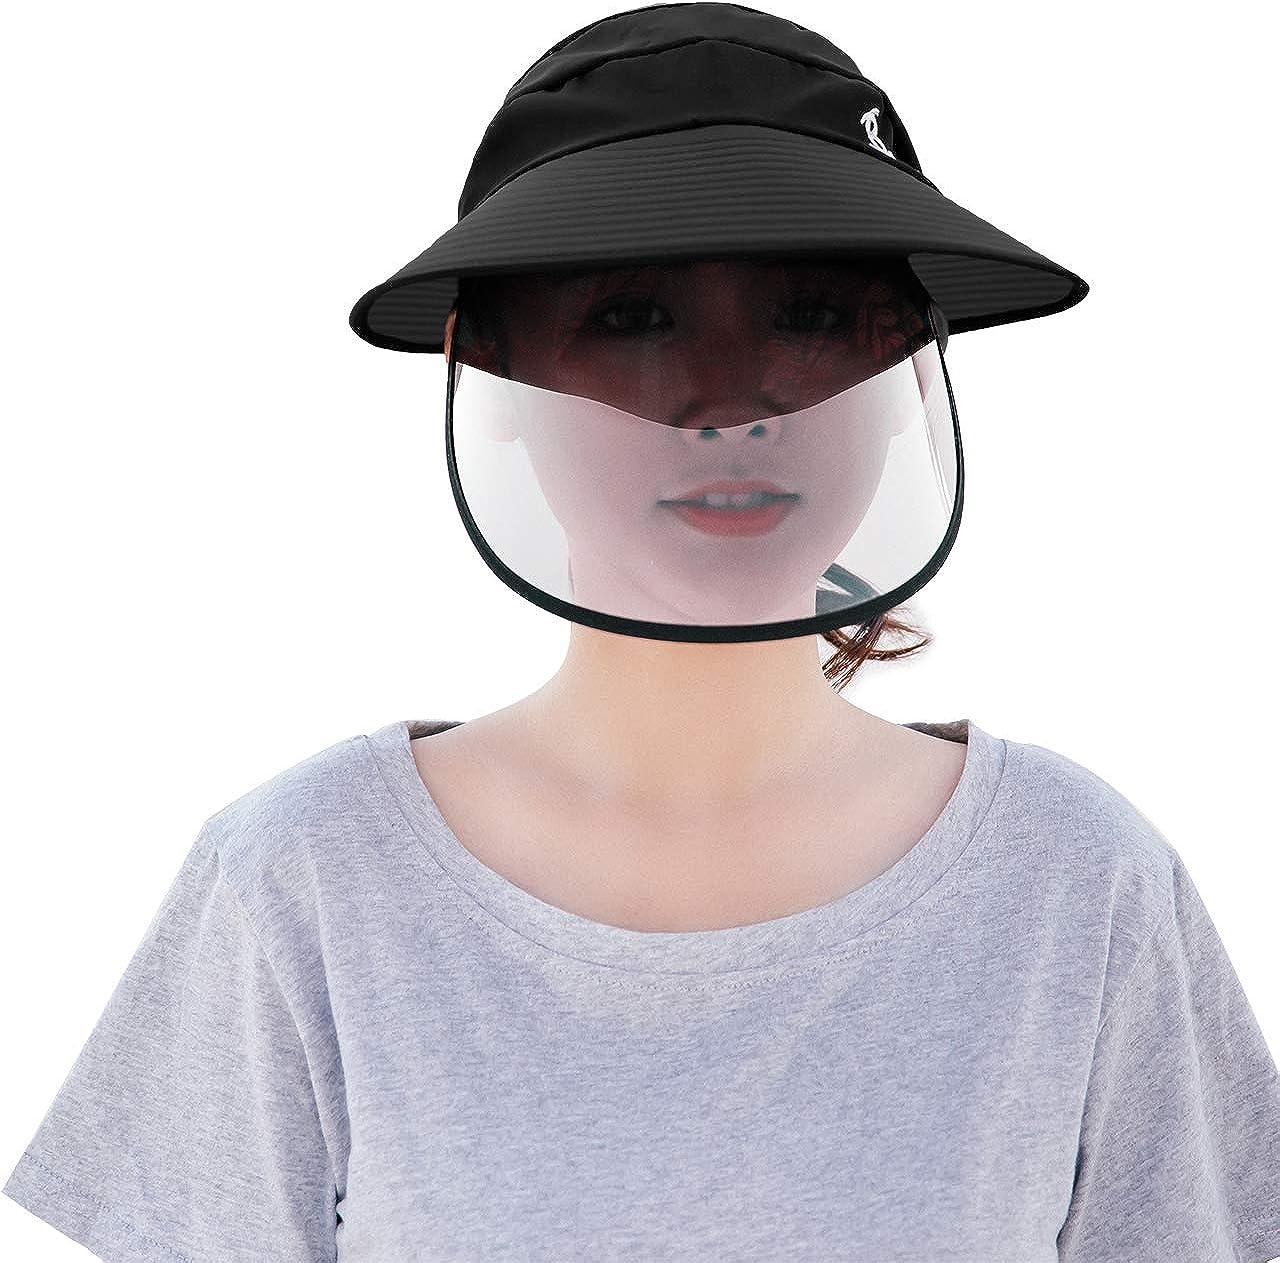 Gorra protectora de b/éisbol desmontable antisaliva protecci/ón contra los ojos antisalpicaduras Faletony